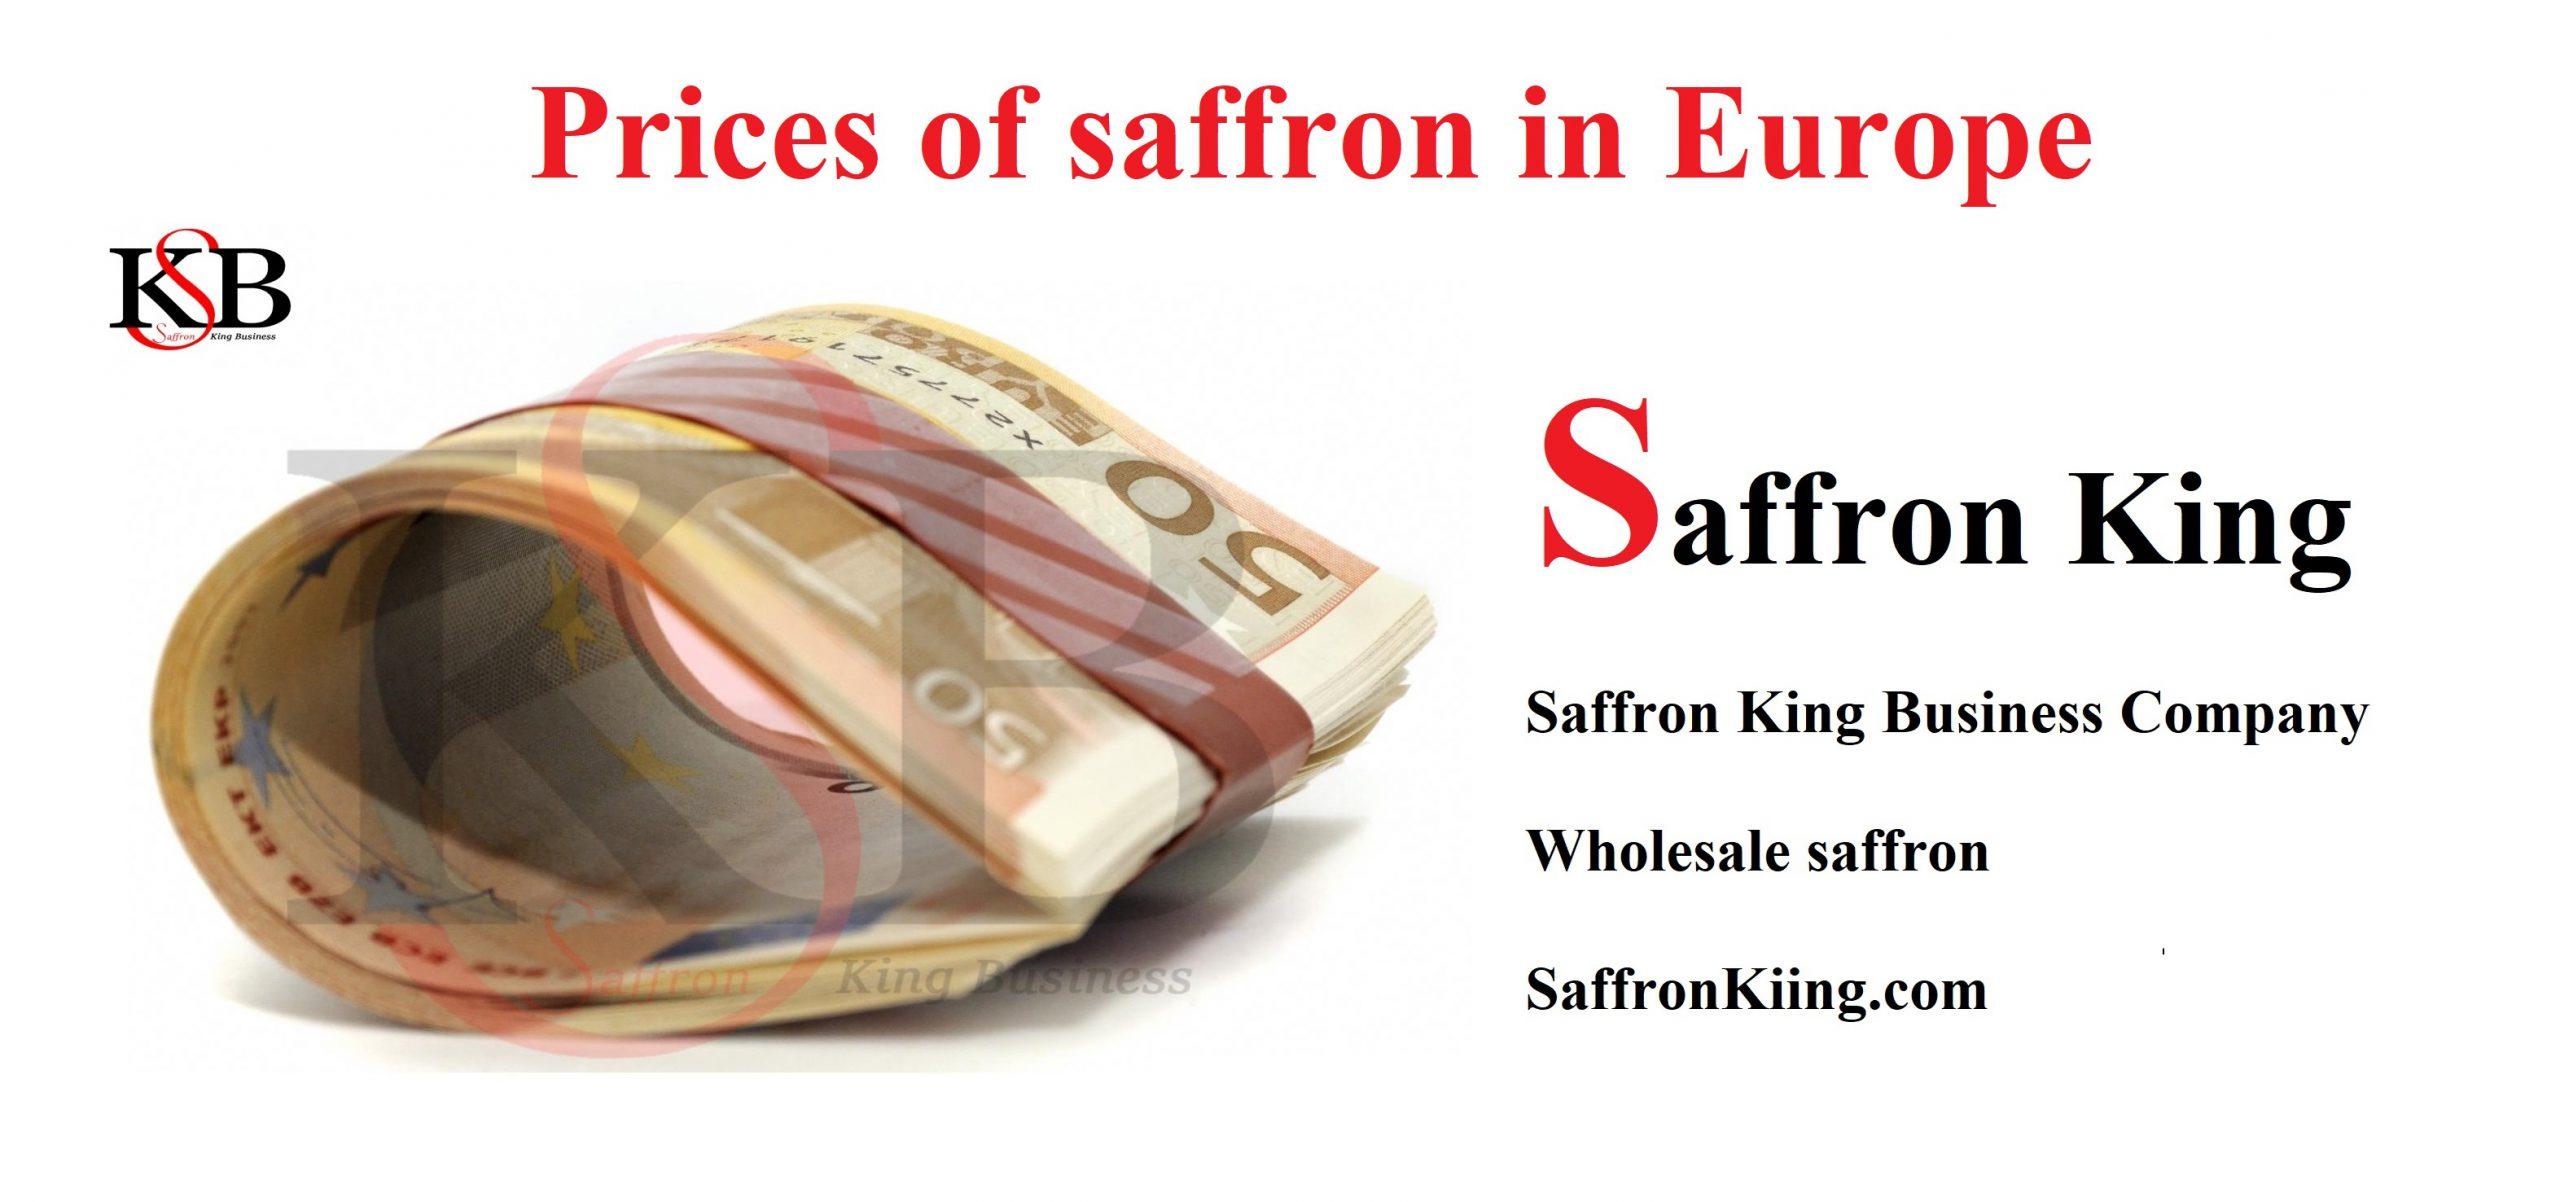 Price per kilo of saffron